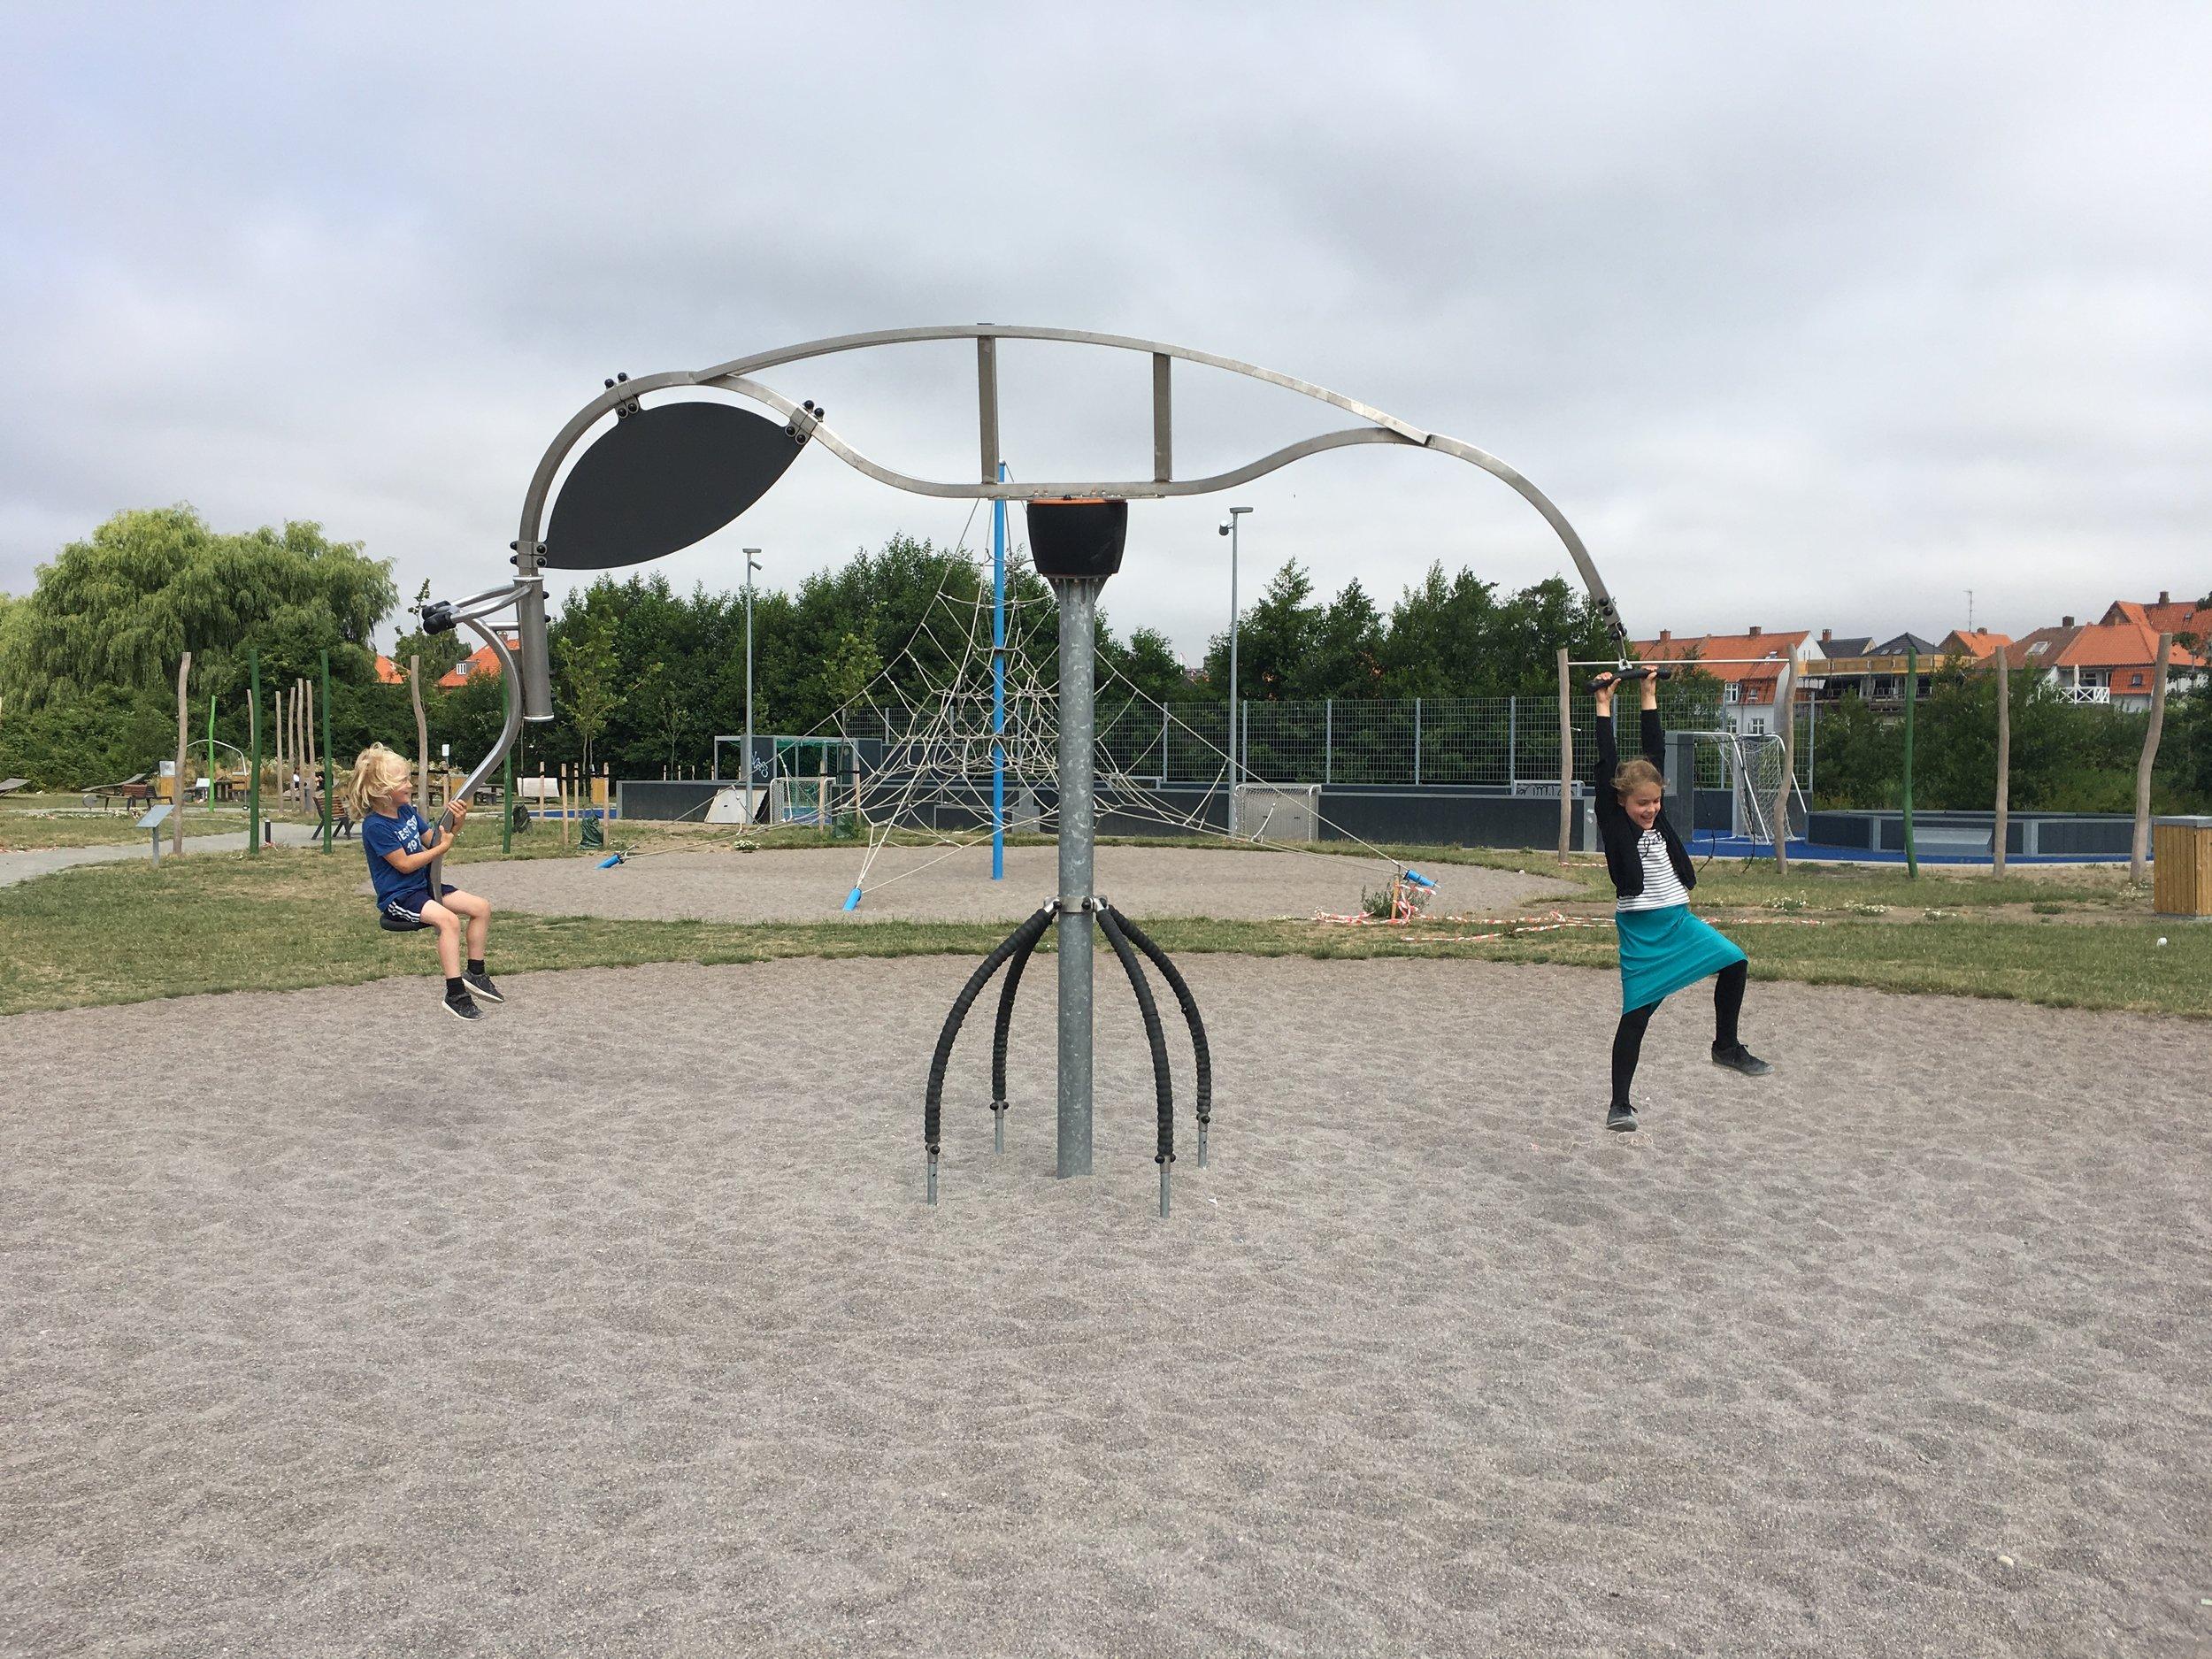 Fremragende mega-legeplads for alle aldre i Nykøbing F.